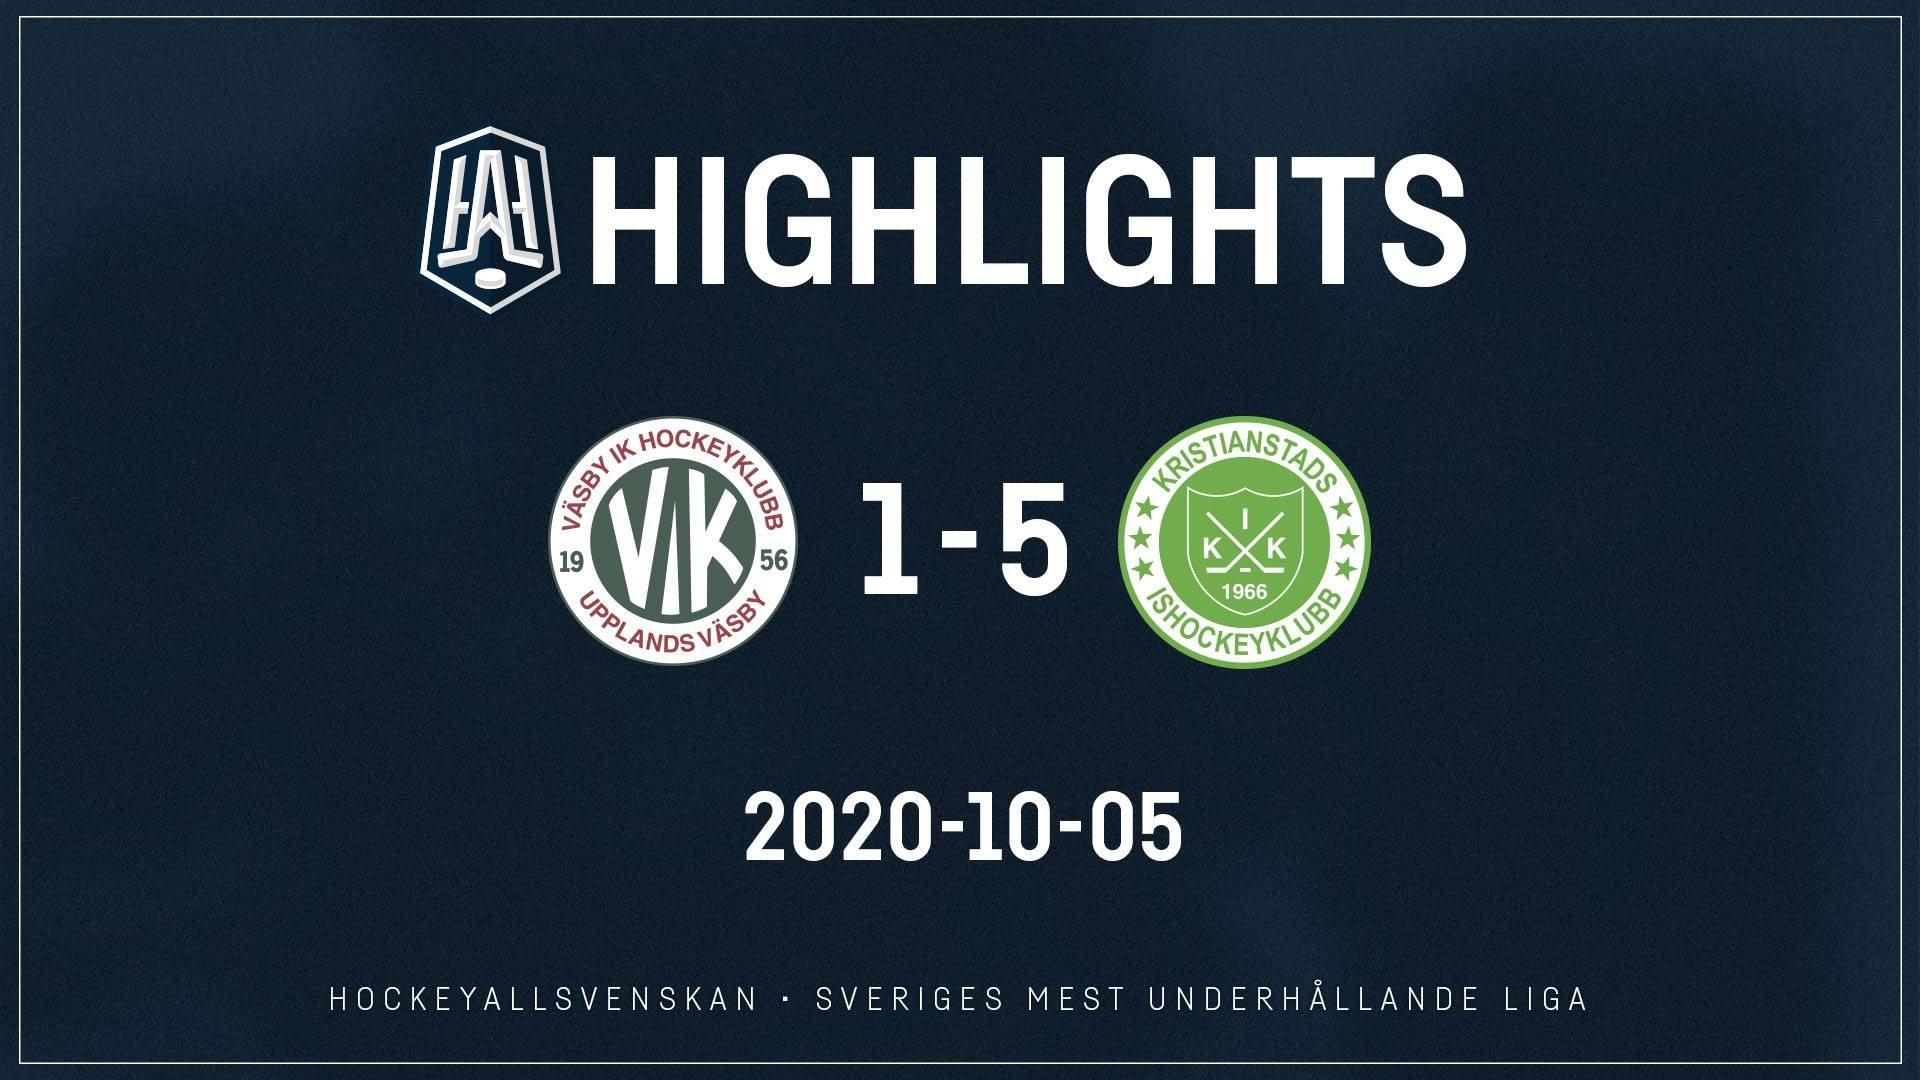 2020-10-05 Väsby - Kristianstad 1-5